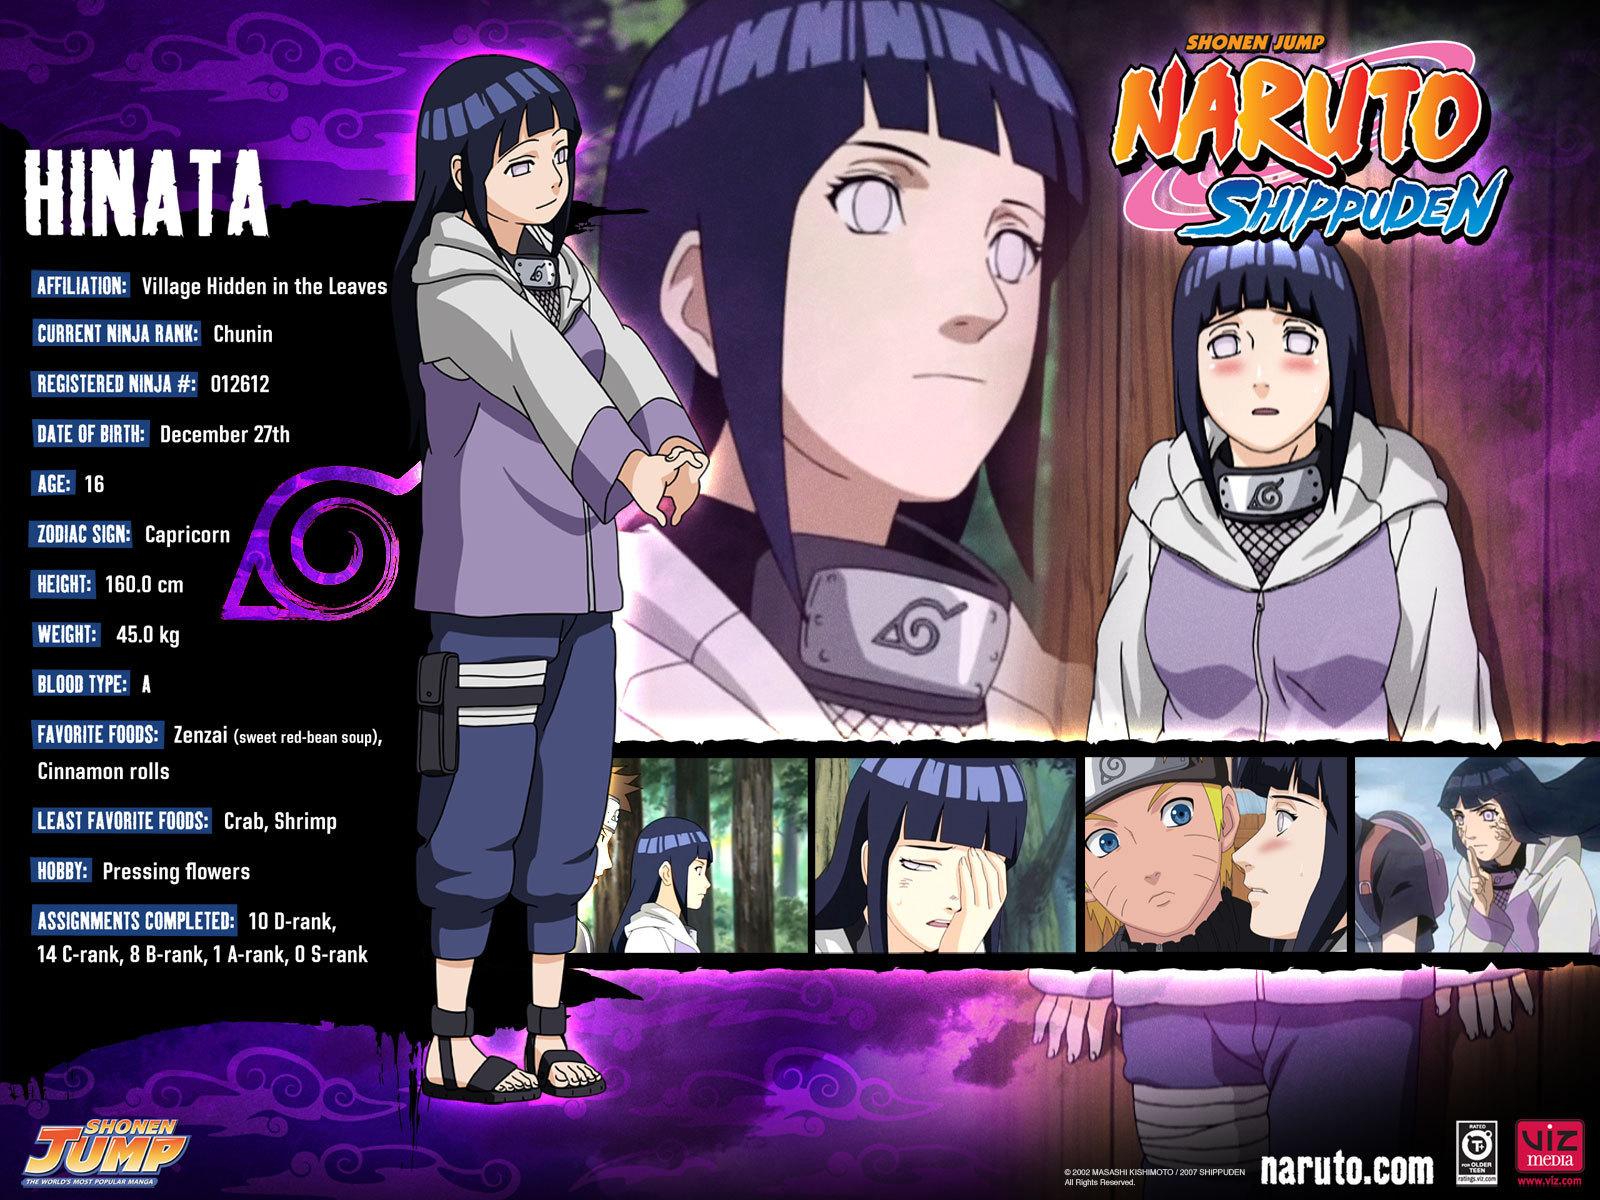 Description Hinata Naruto Shippuden Wallpaper Naruto Wallpaper is a 1600x1200